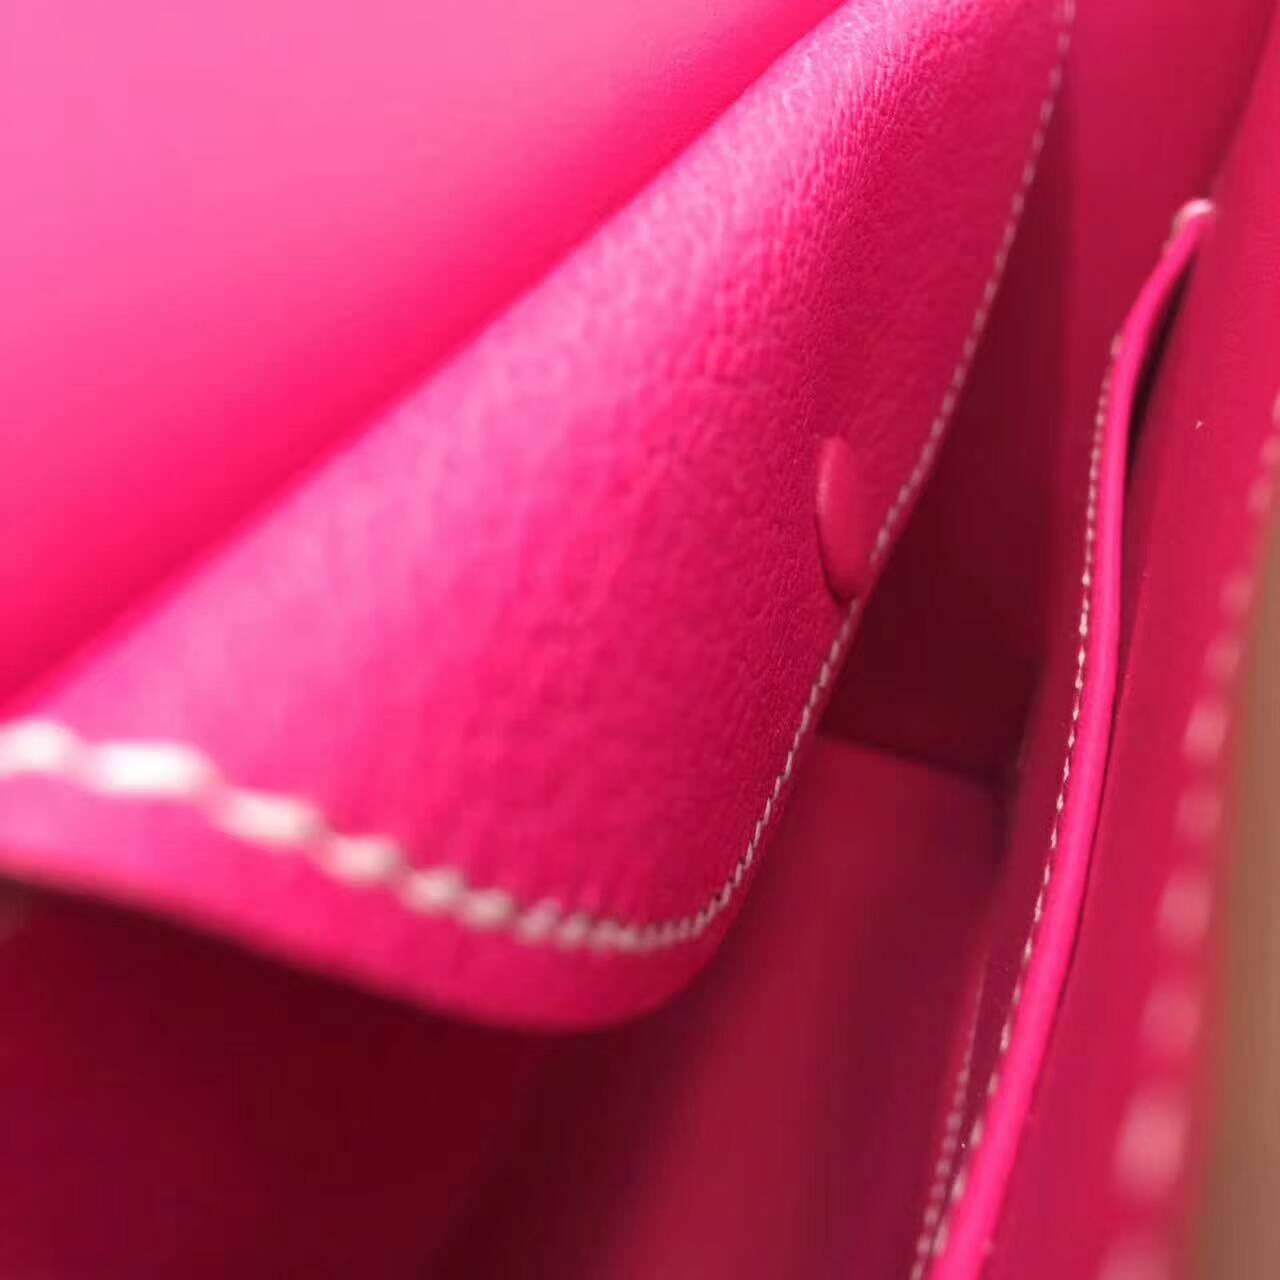 插销包手枪包 爱马仕全球同步发售 Verrou 17cm Chevre Mysore 法国原产山羊皮 E5 Rose Tyrien 玫红 银扣